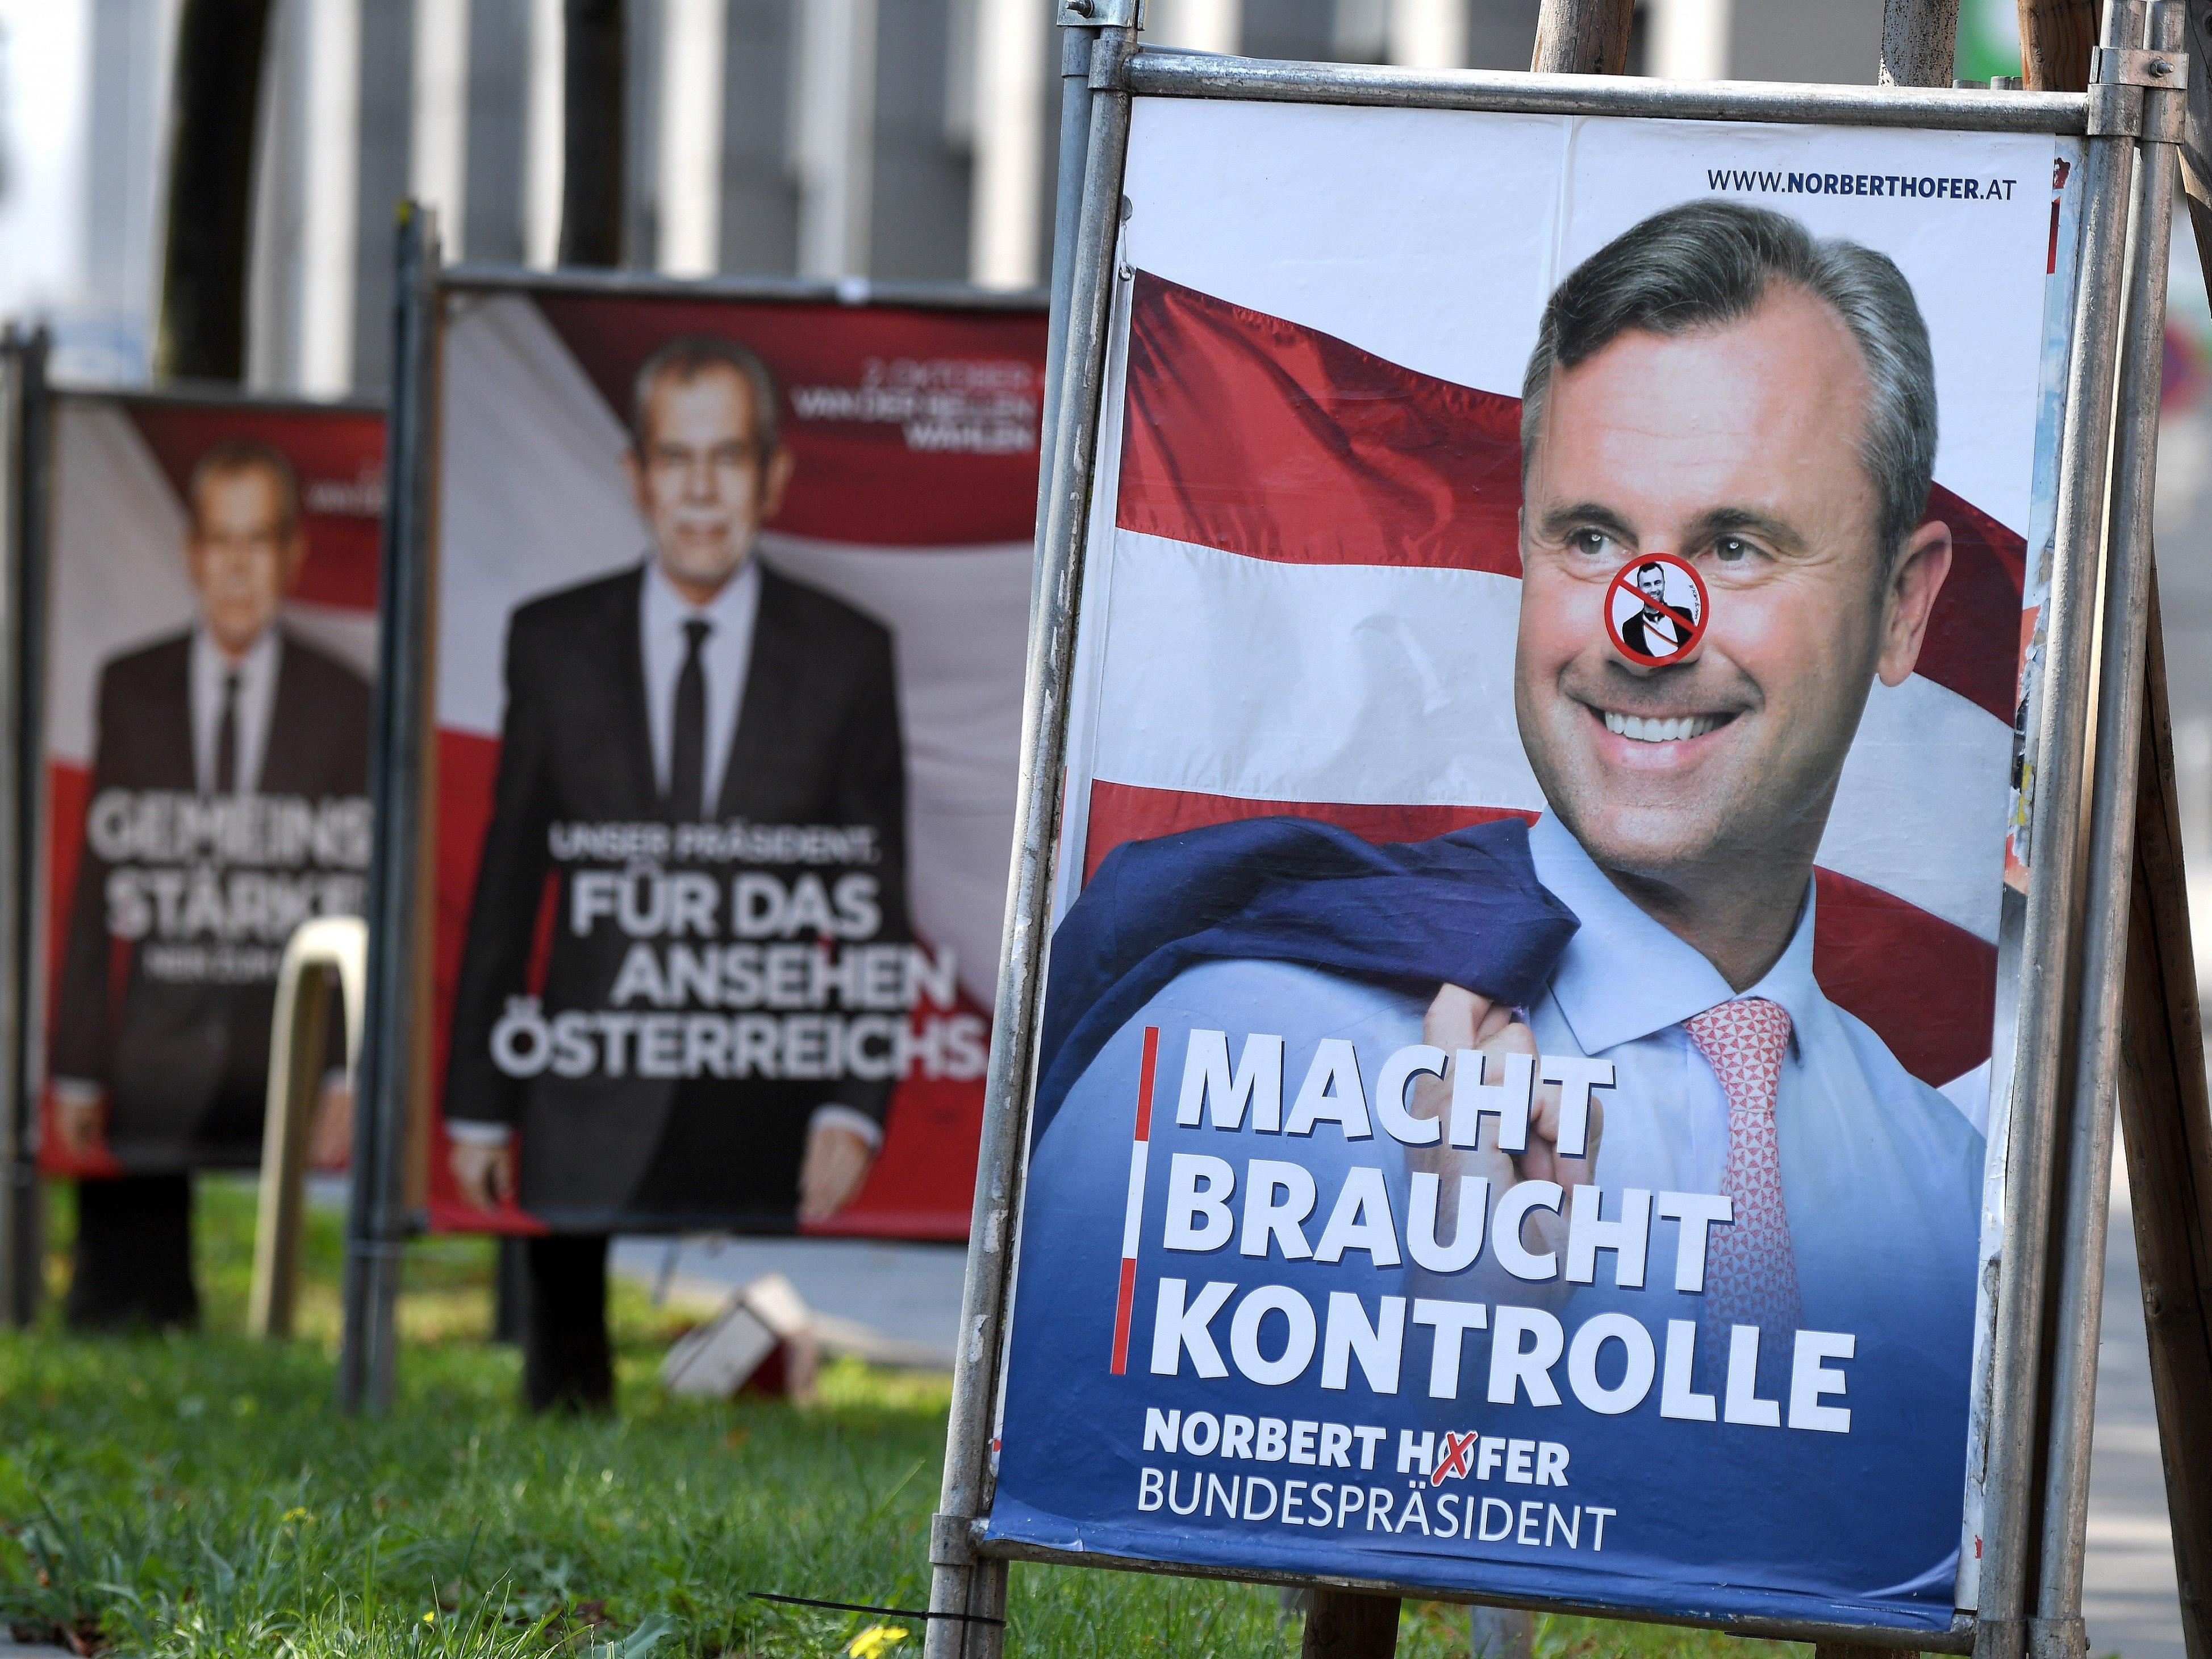 Vor der Wiederholung der Bundespräsidentschafts-Stichwahl erfolgt ein Intensiv-Wahlkampf